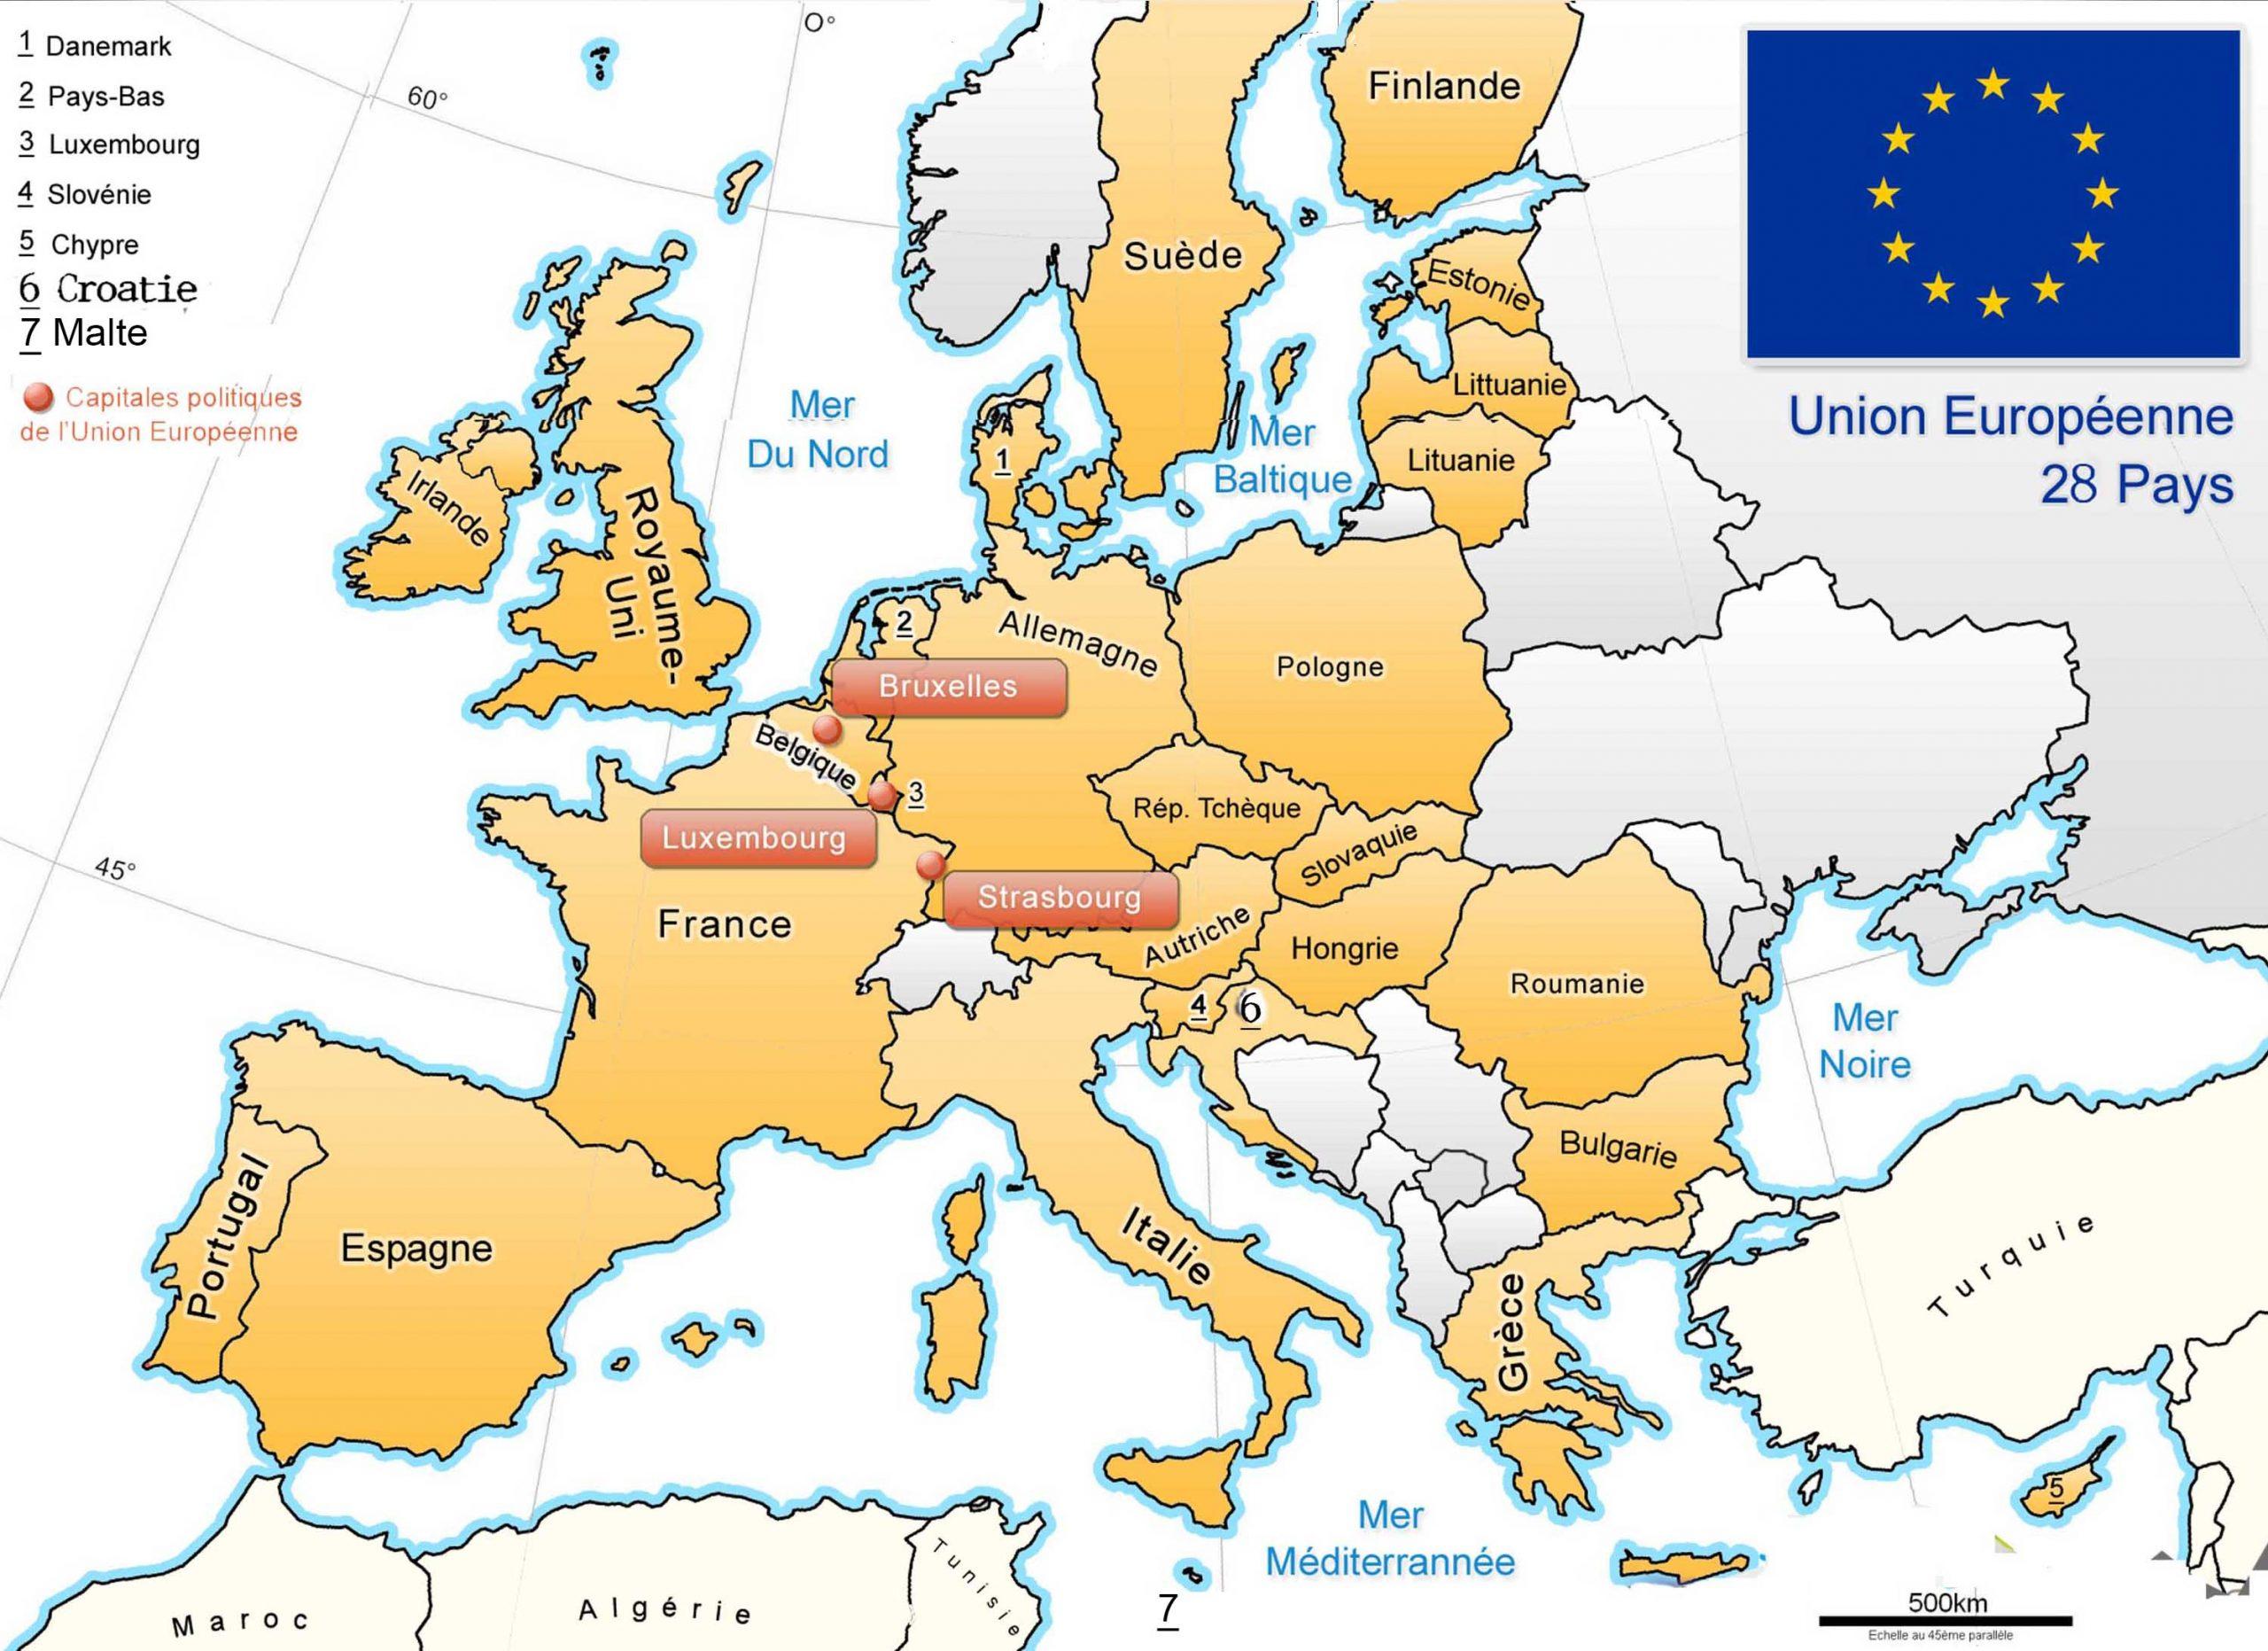 Apprendre À Placer Les Pays De L' Union Européenne - Le Blog encequiconcerne Carte Europe Pays Et Capitale